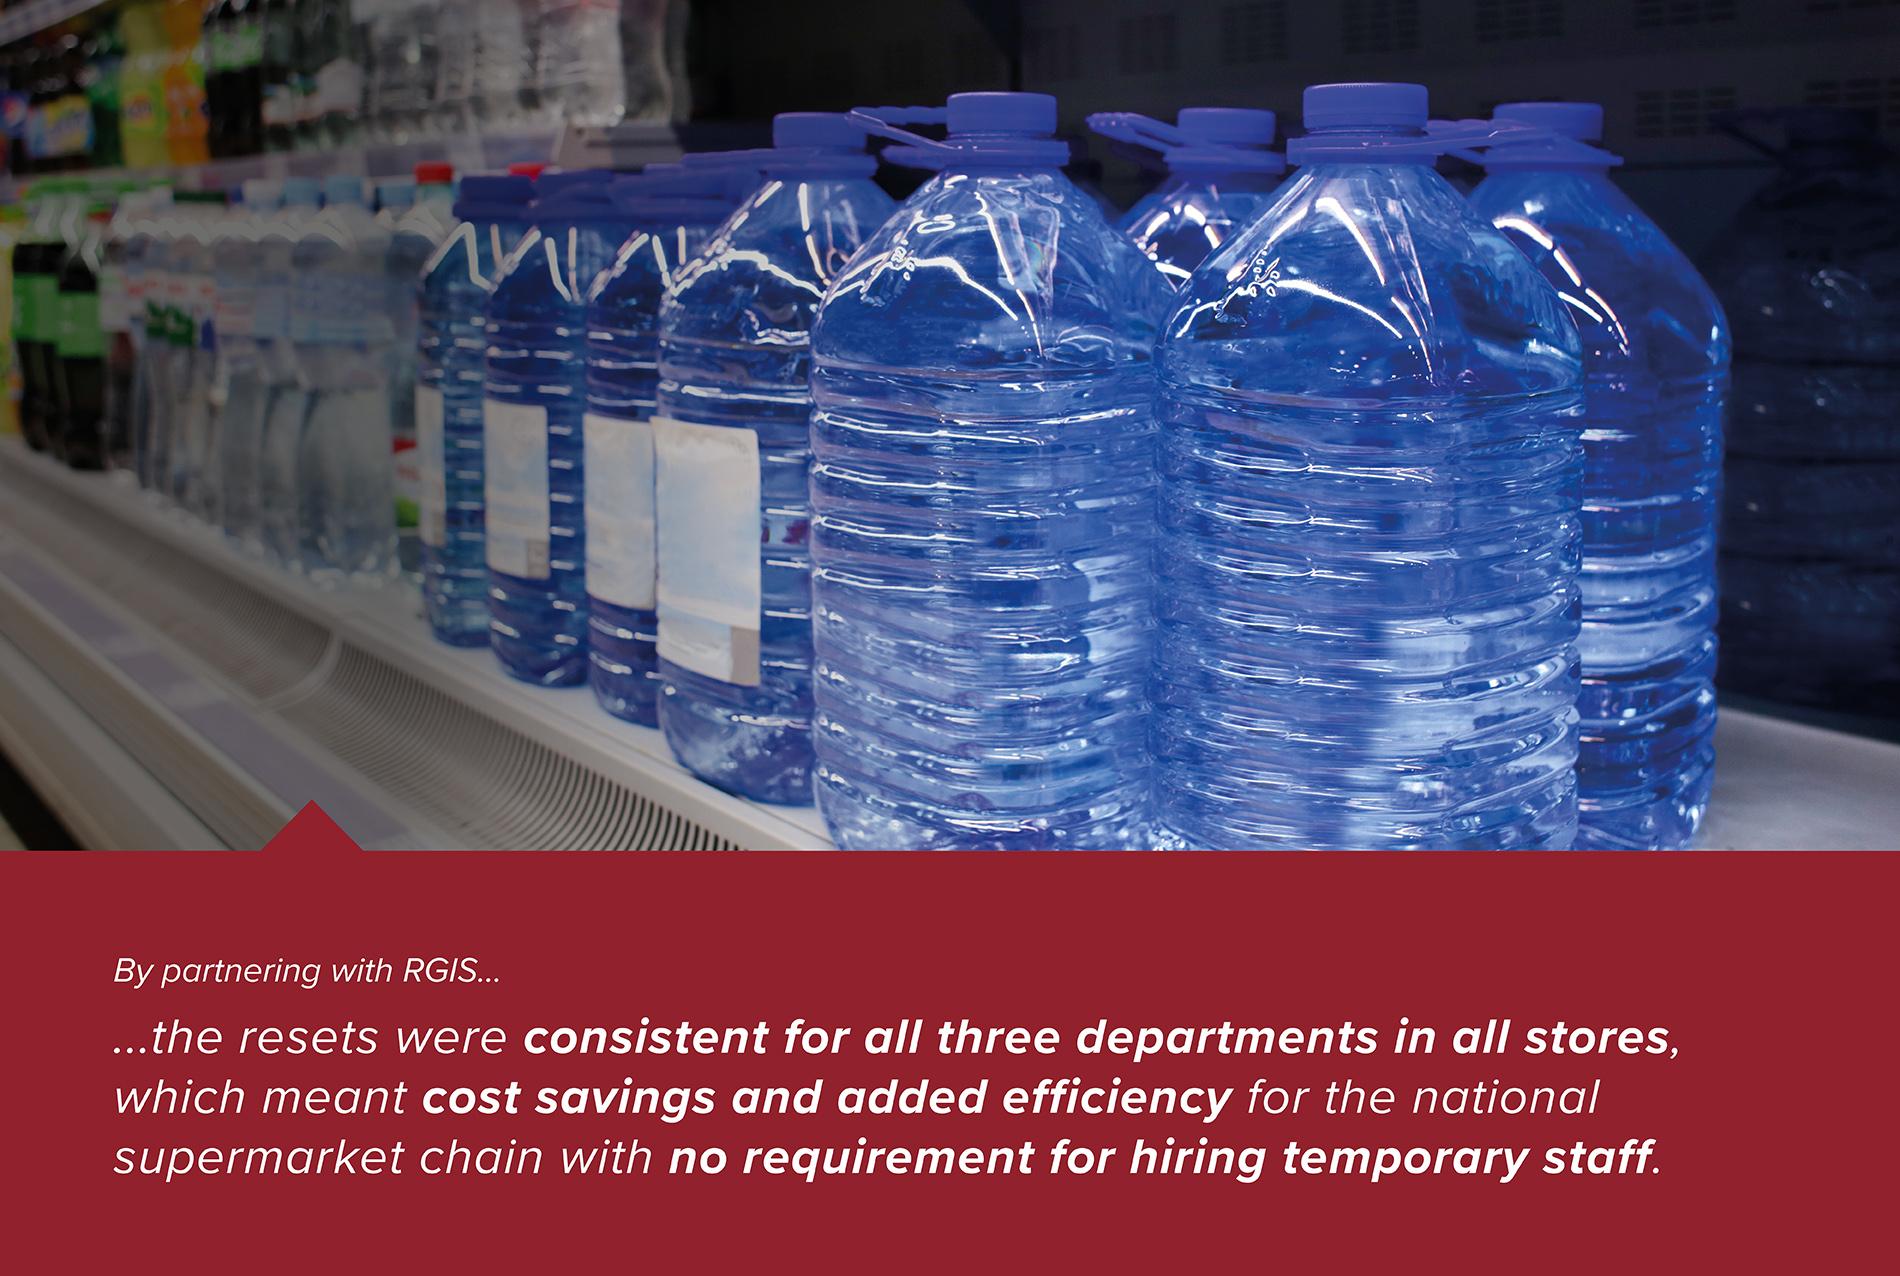 Merchandising Department Resets